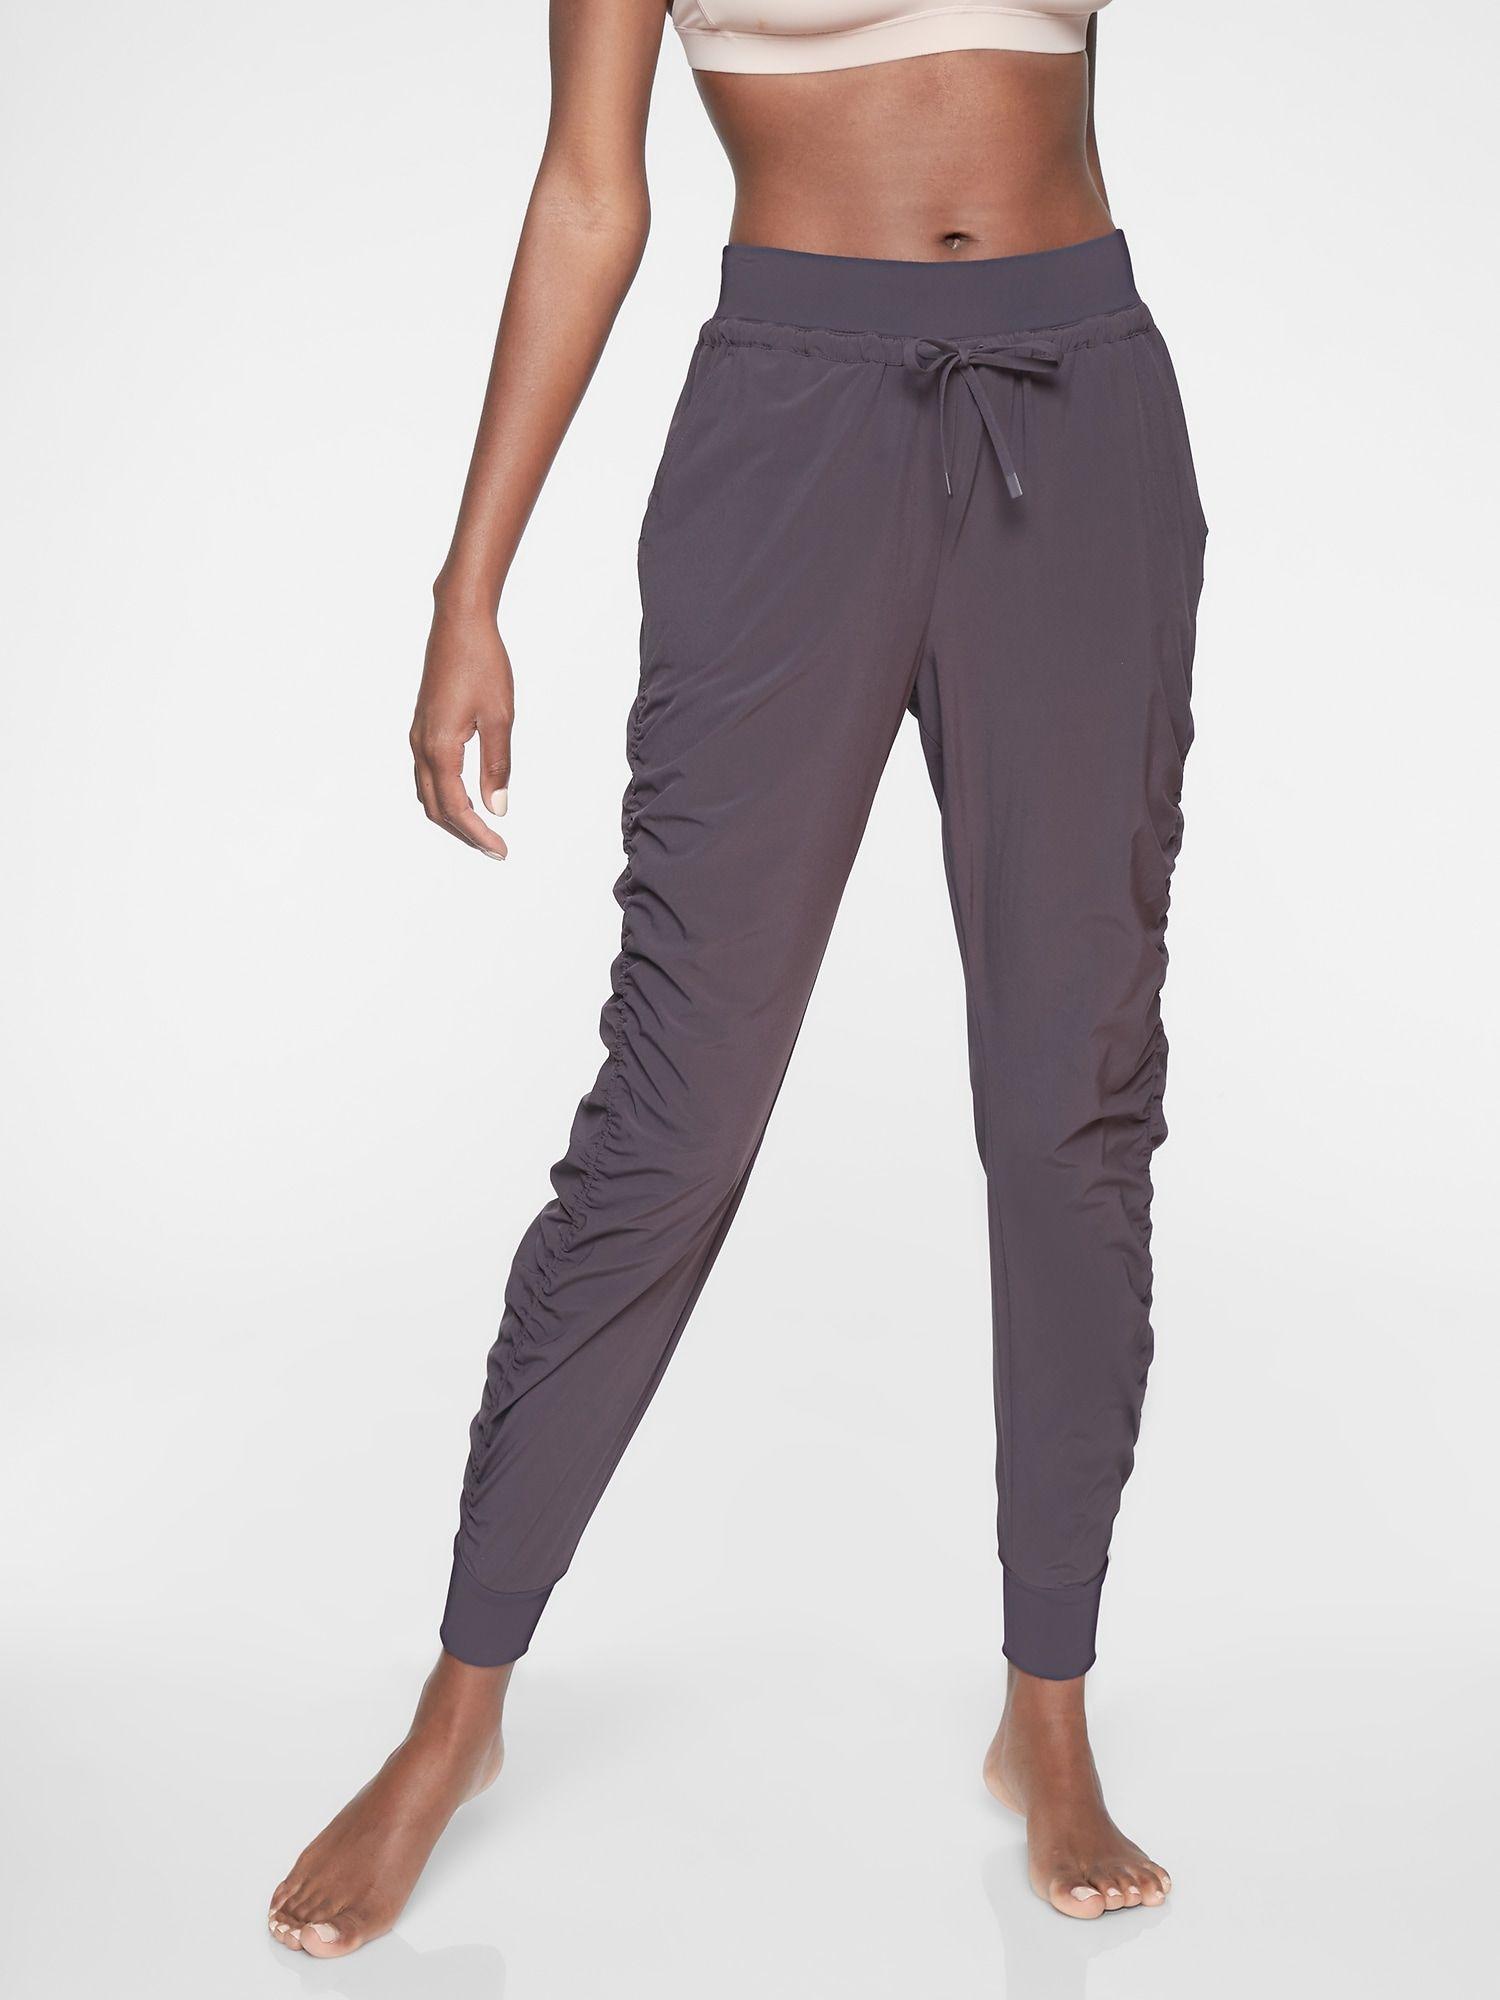 aca30cc96874a Attitude Pant in 2019 | f i t n e s s | Pants, Stretch fabric ...